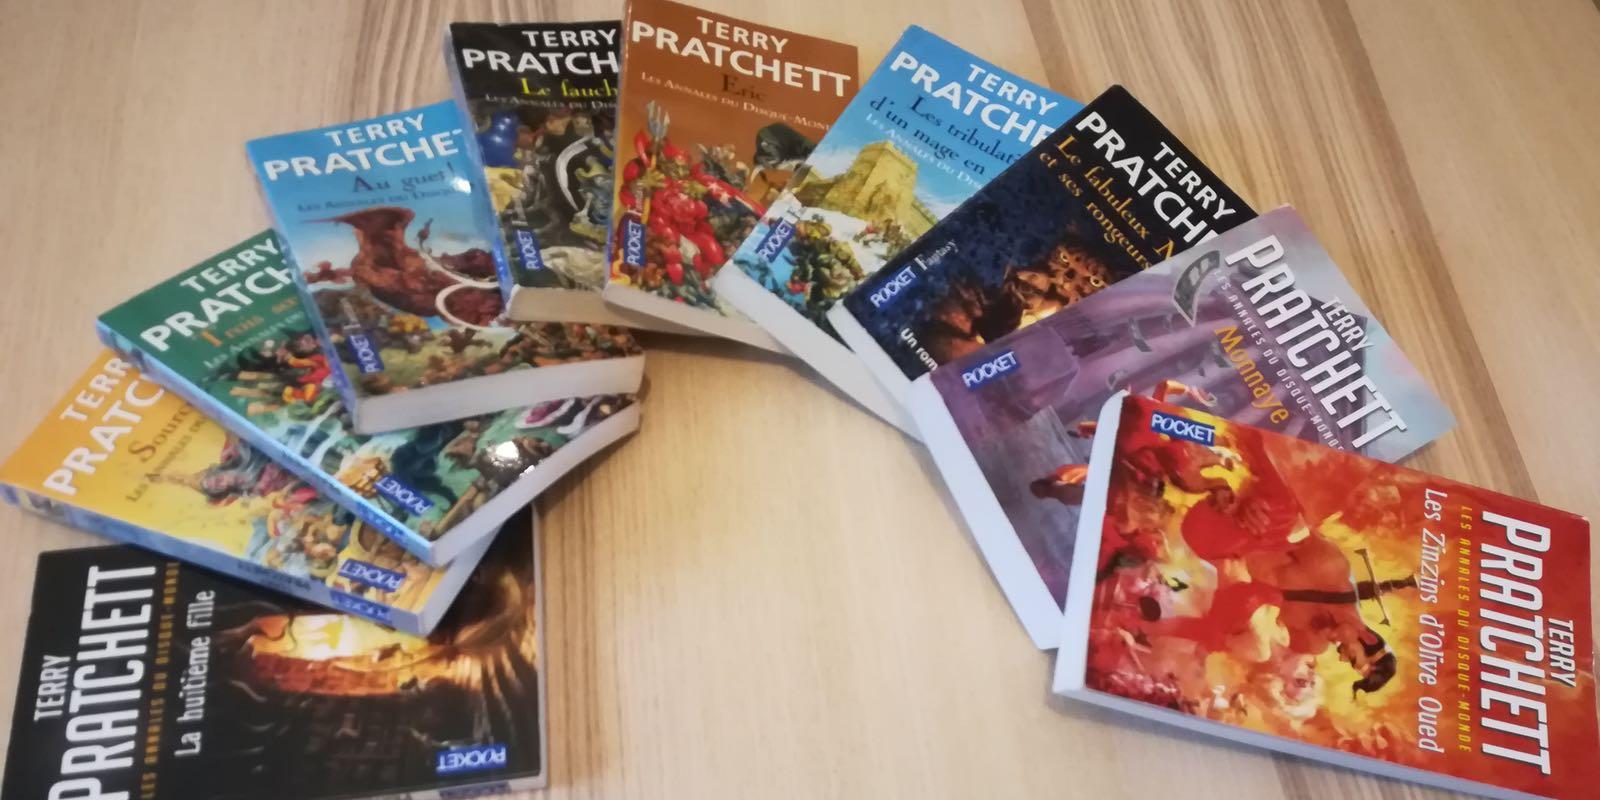 Pourquoi les livres de Terry Pratchett sont mon remède anti-déprime